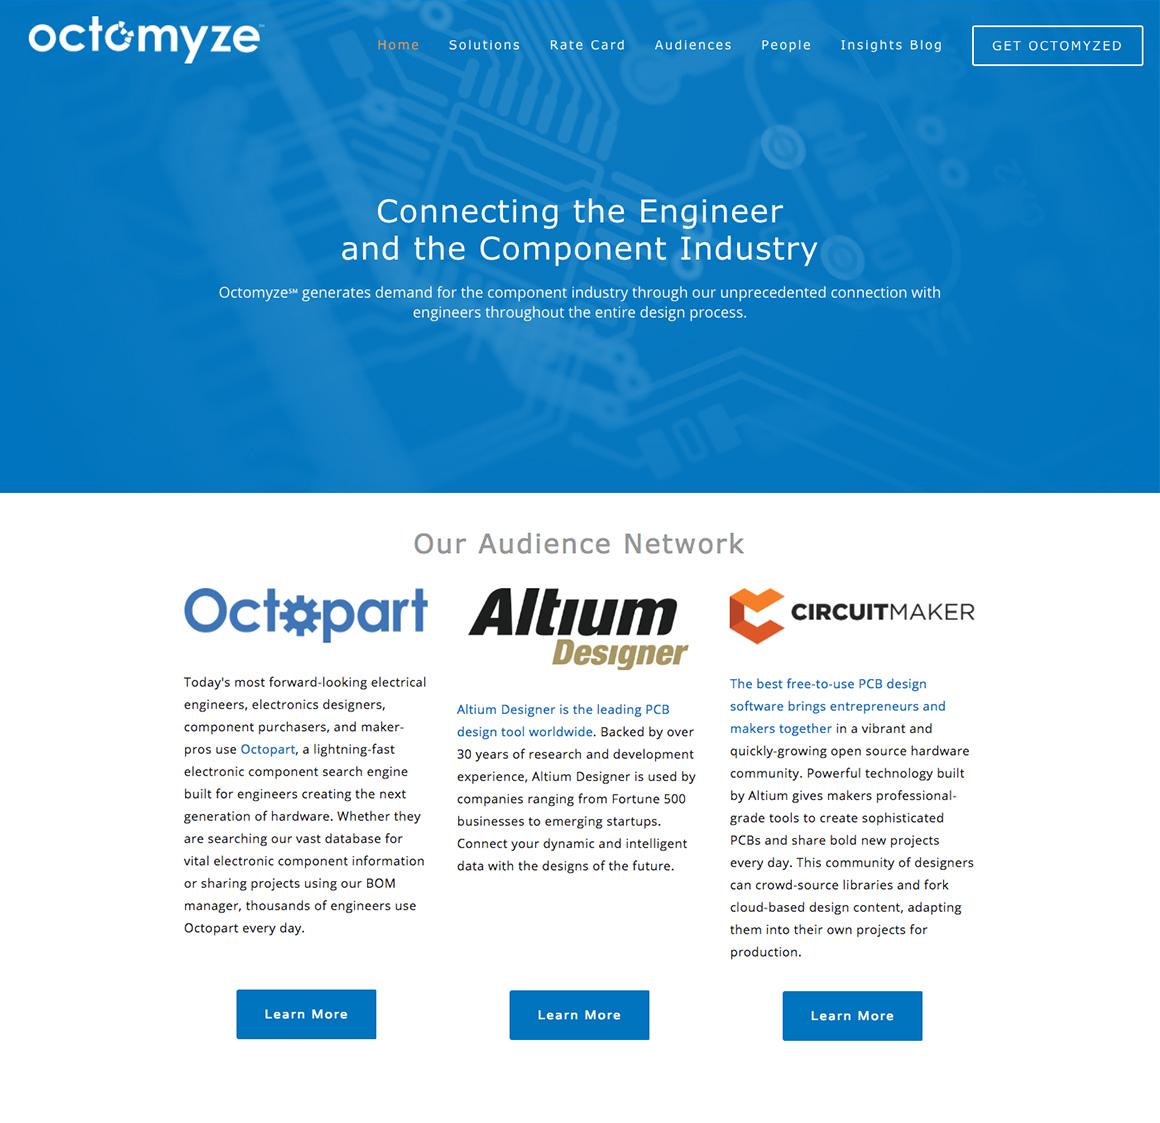 octomyze_image